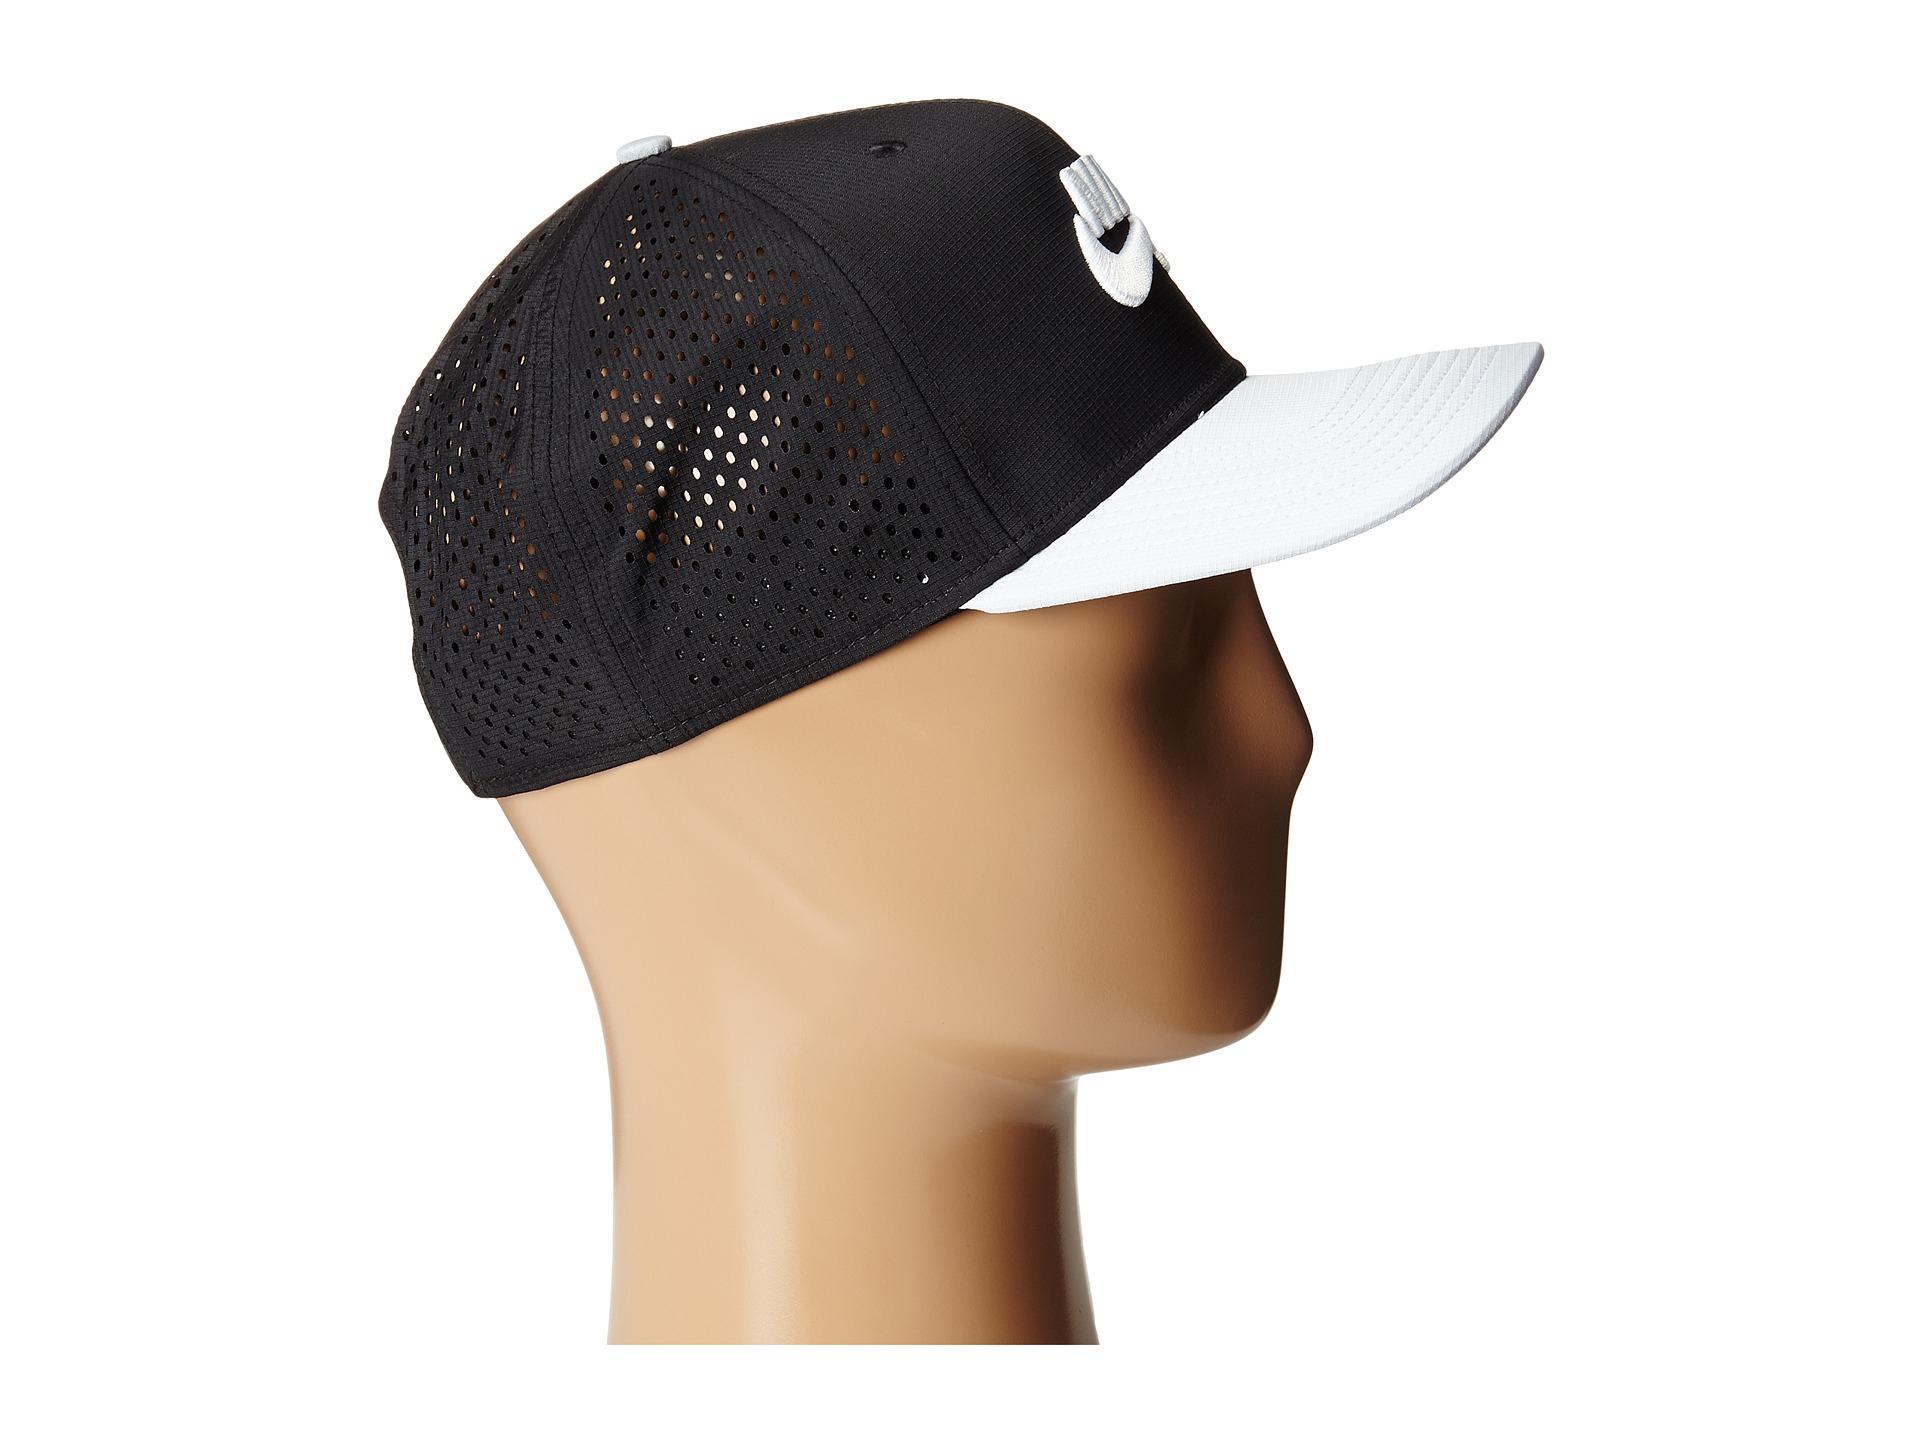 Lyst - Nike Performance Trucker Hat in Black for Men 57e254f8fe2